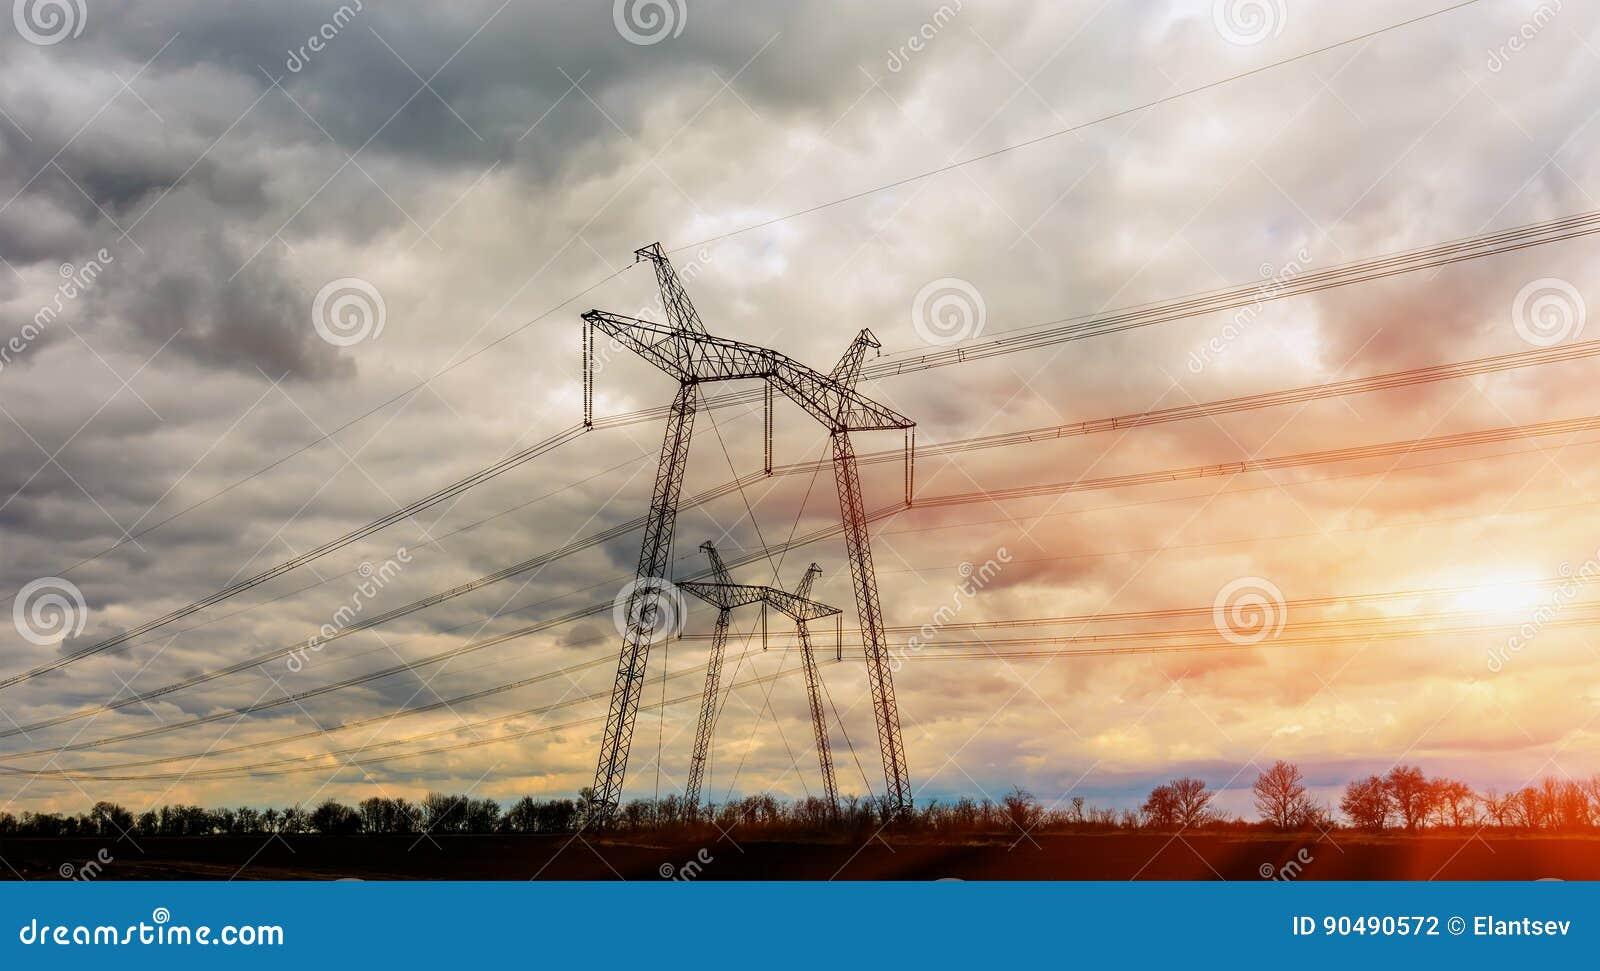 Опора электричества - надземная башня передачи линии электропередач